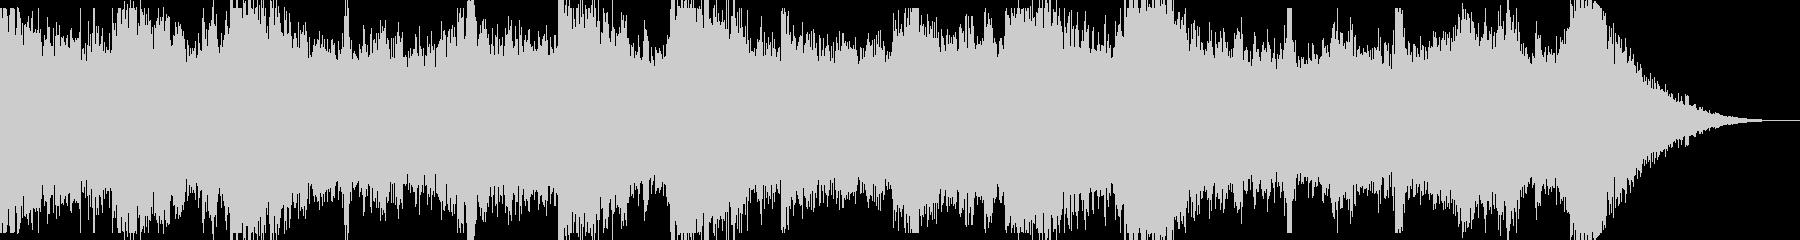 ラボ/実験室/工場/機械音の未再生の波形